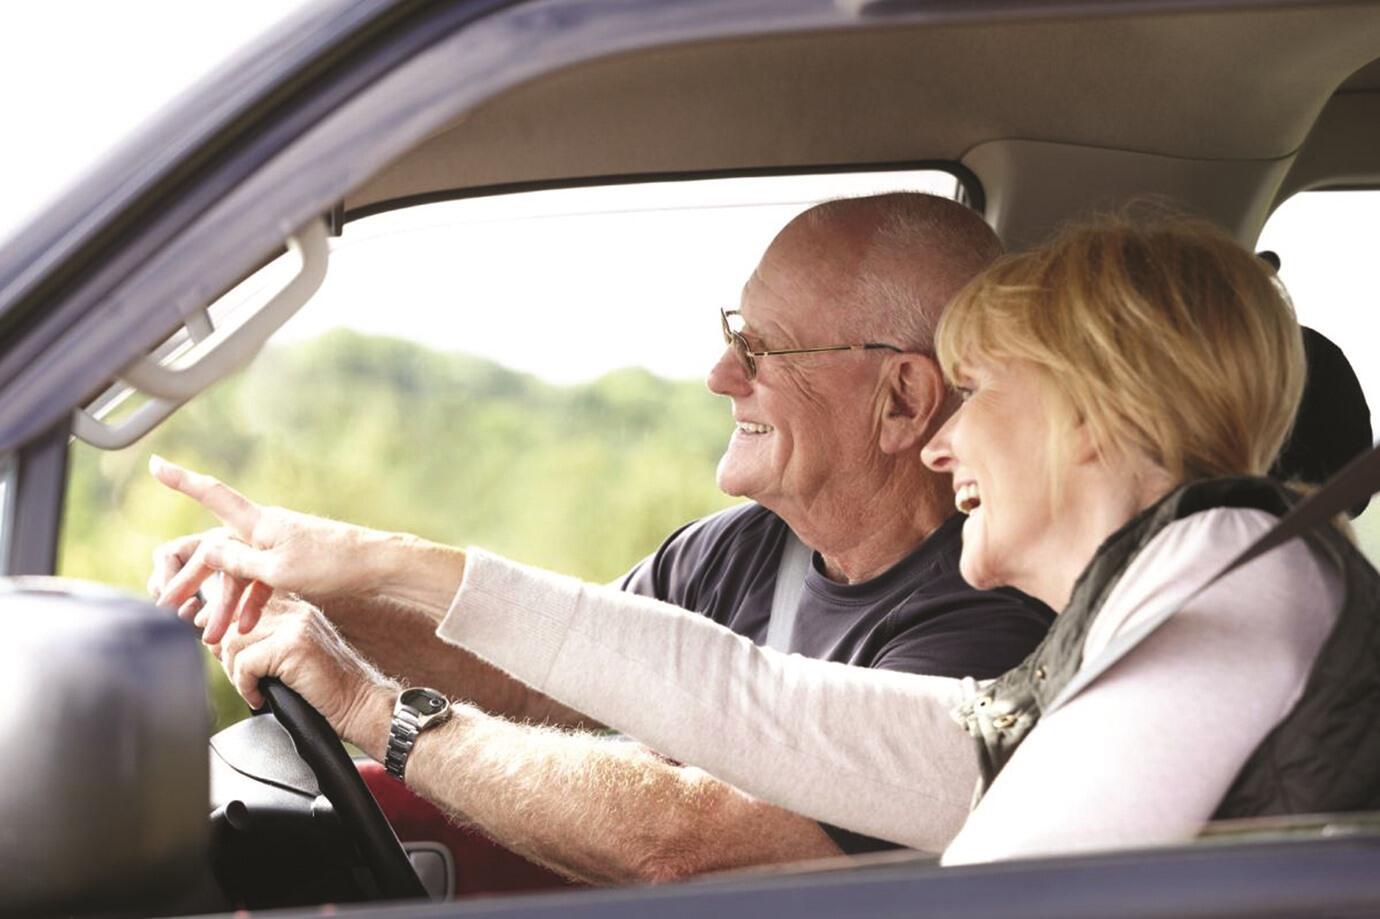 قيادة المسنين: فحوصات طبية ملزمة وإلا!